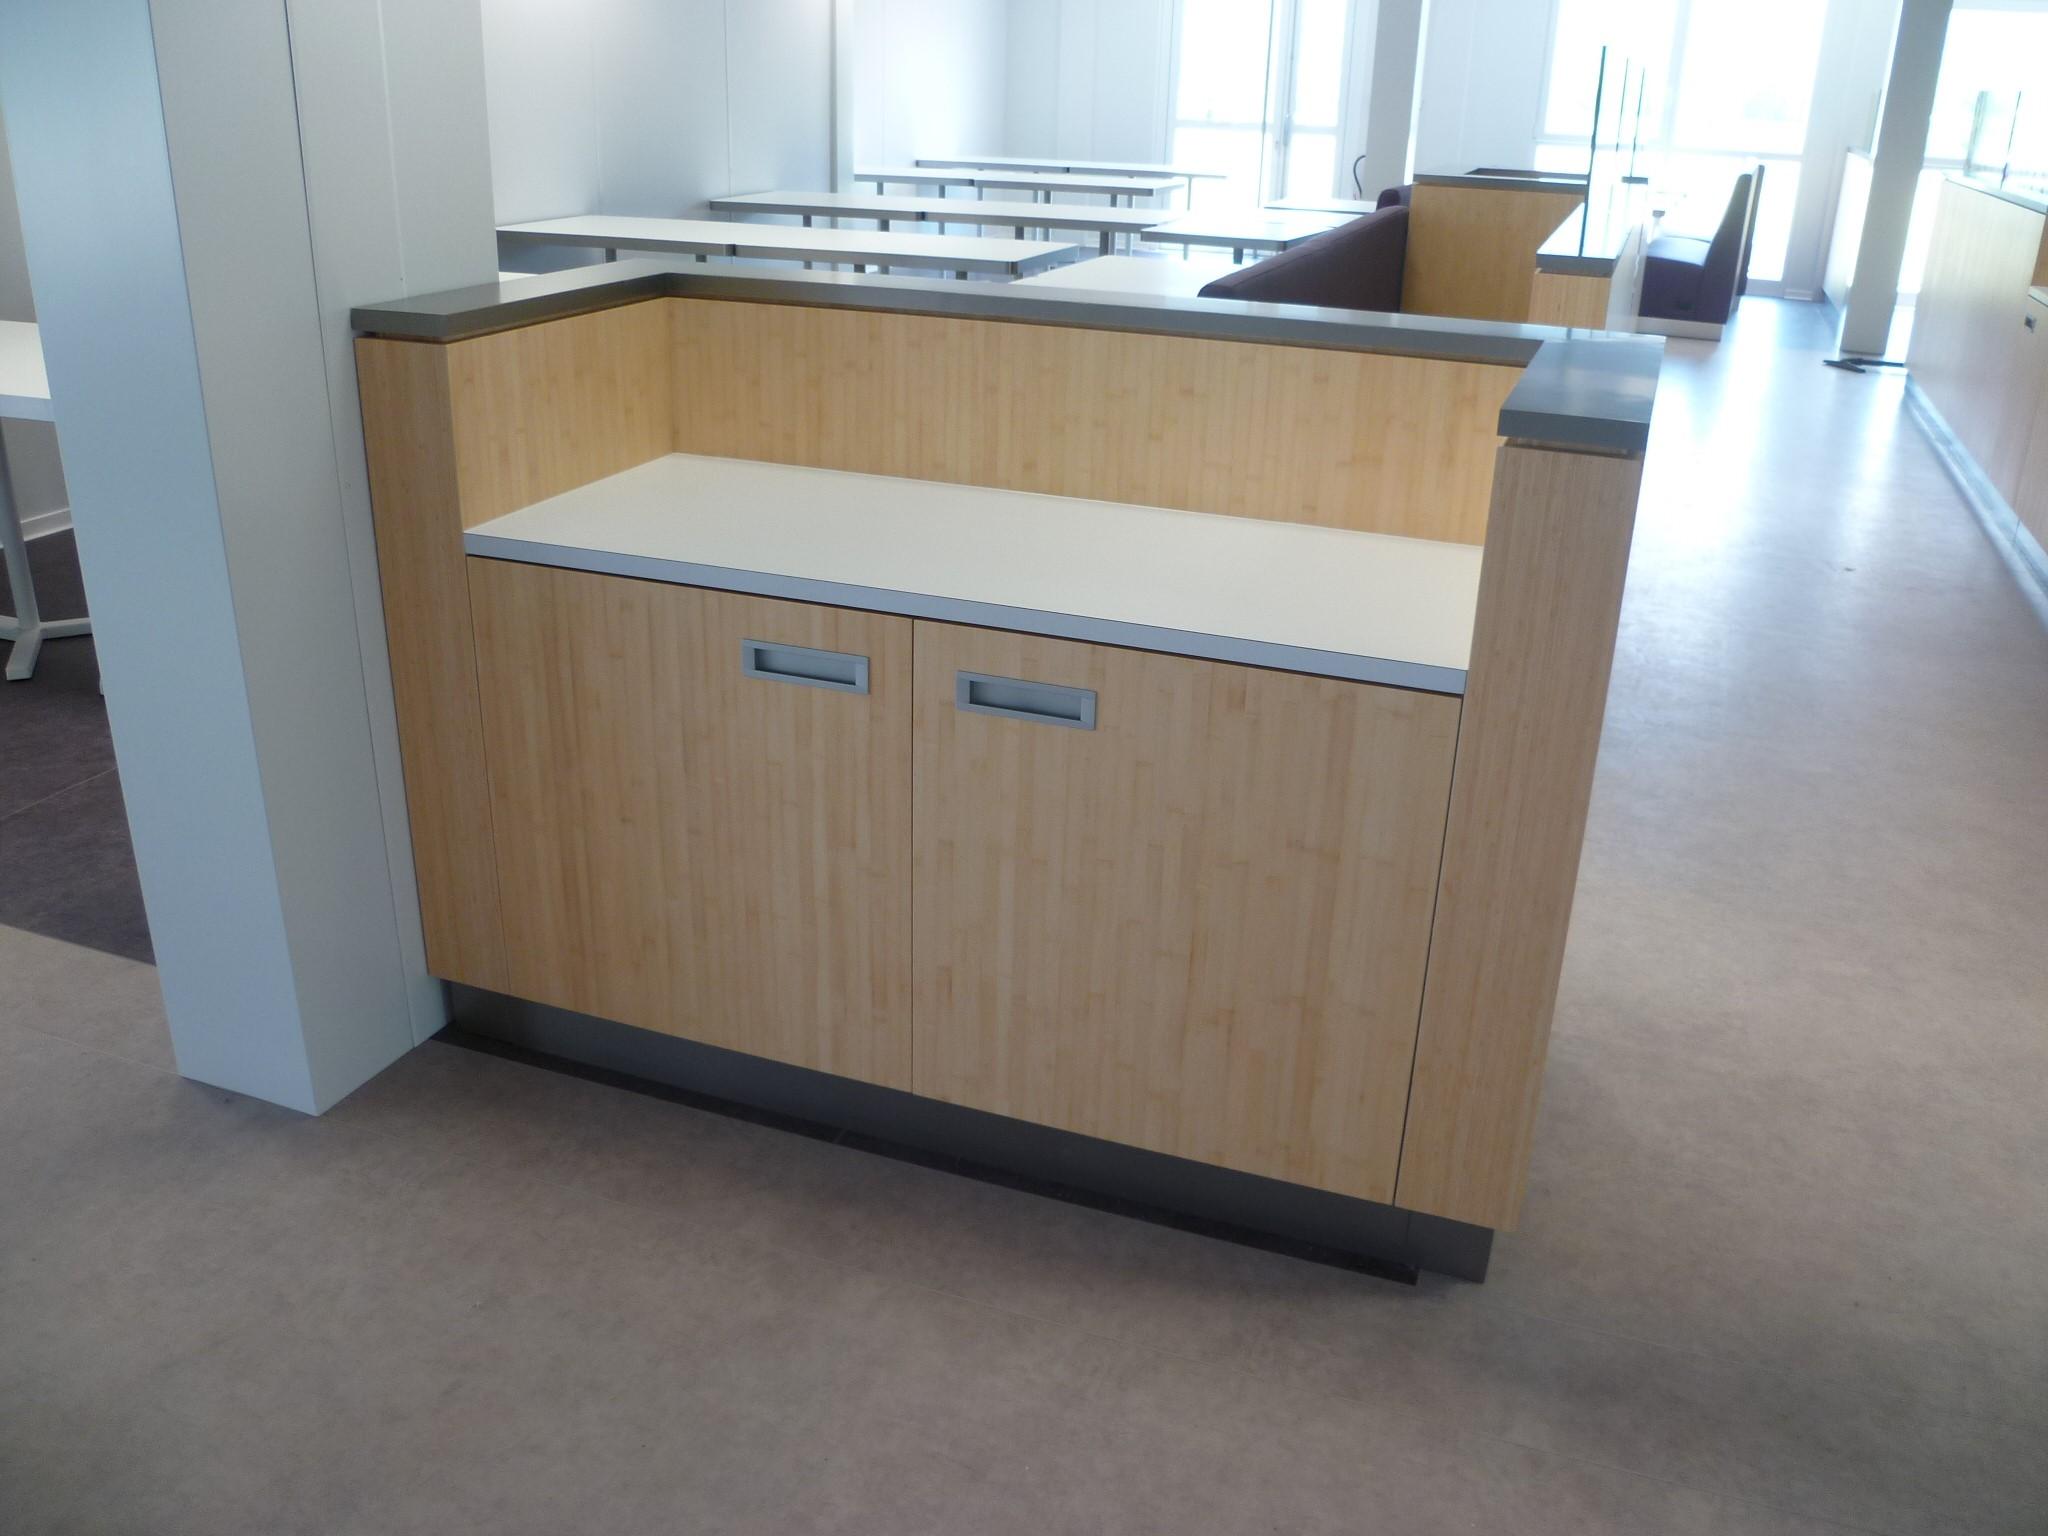 Meuble de salle elgy design concept cr ateur de for Meuble design createur